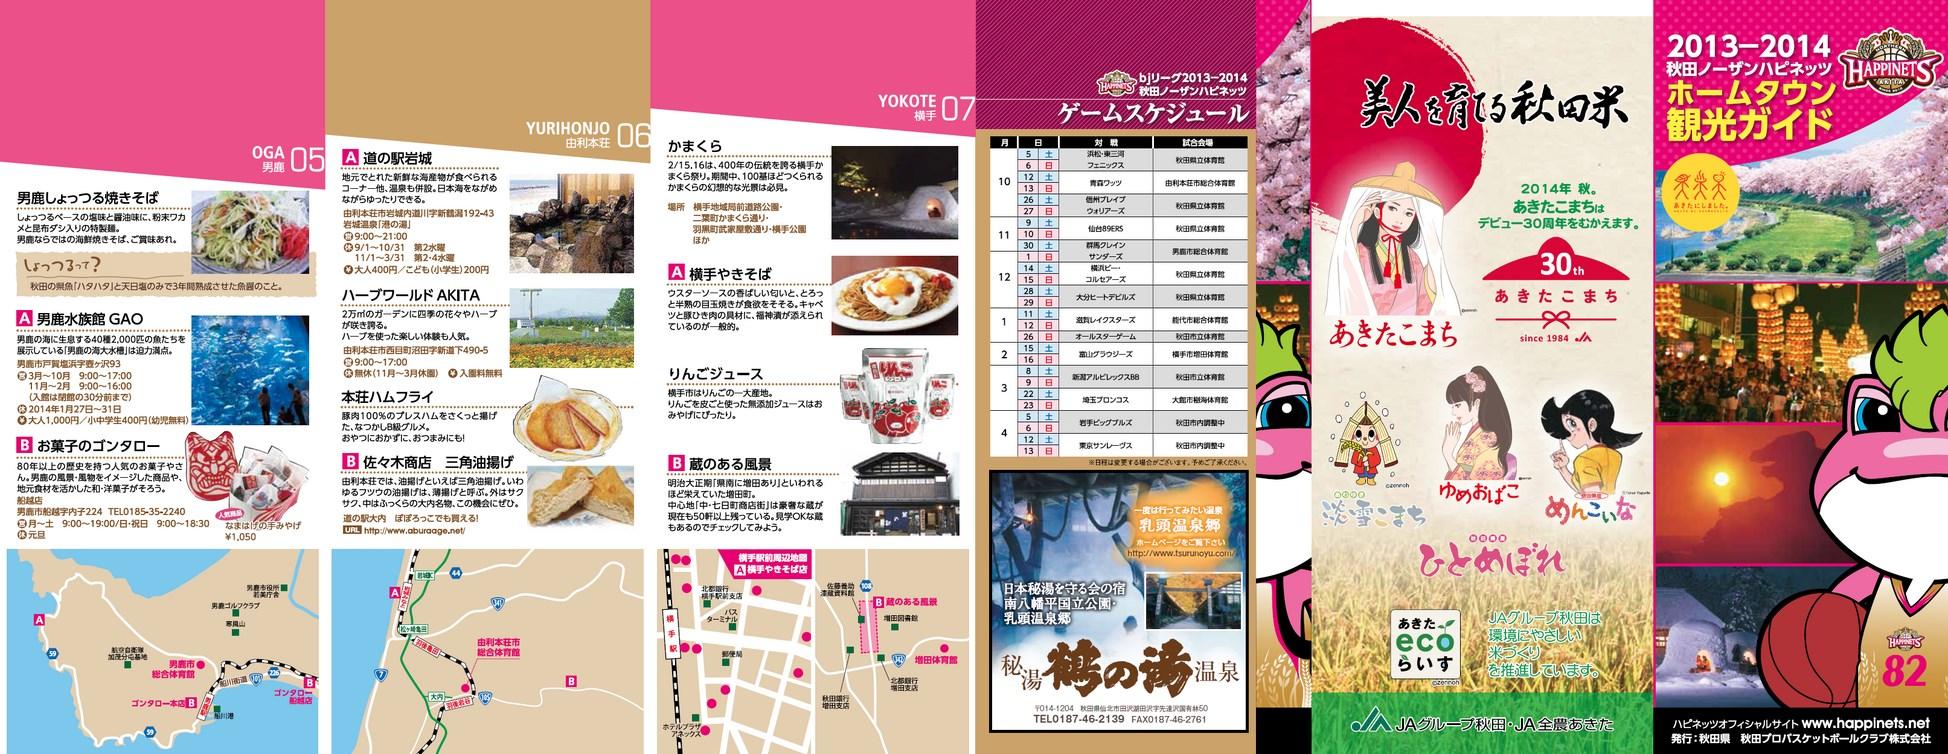 秋田ノーザンハピネッツ ホームタウン観光ガイド2013